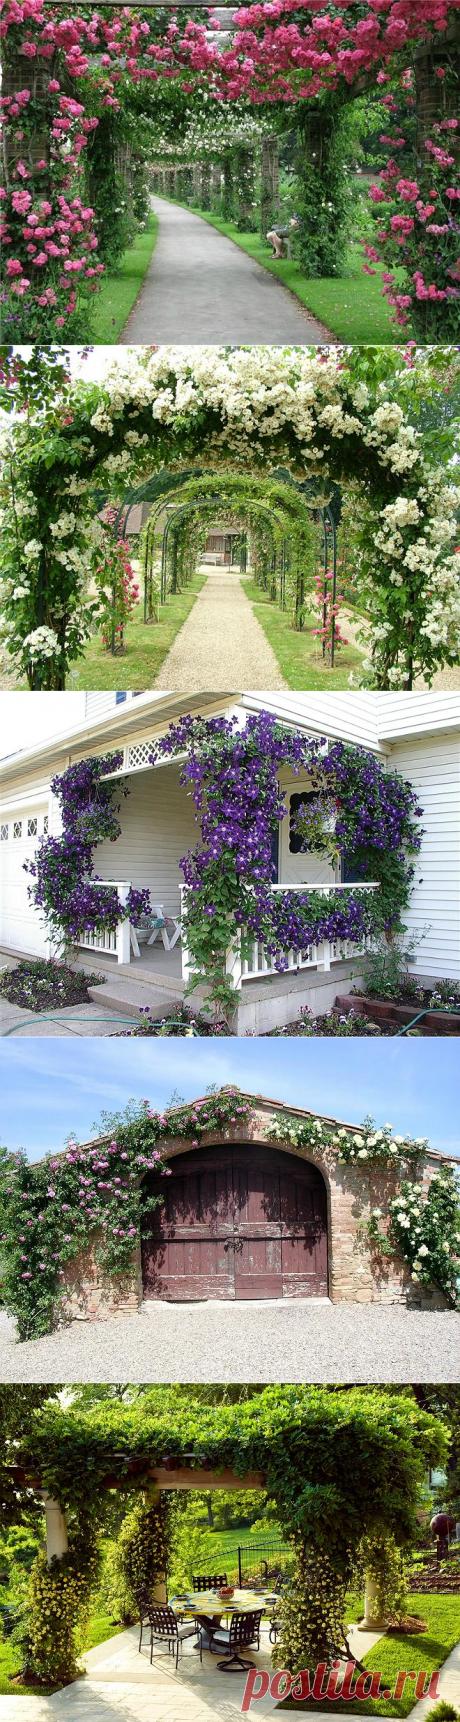 Вьющиеся растения для сада: яркое украшение усадьбы | Дизайн участка (Огород.ru)